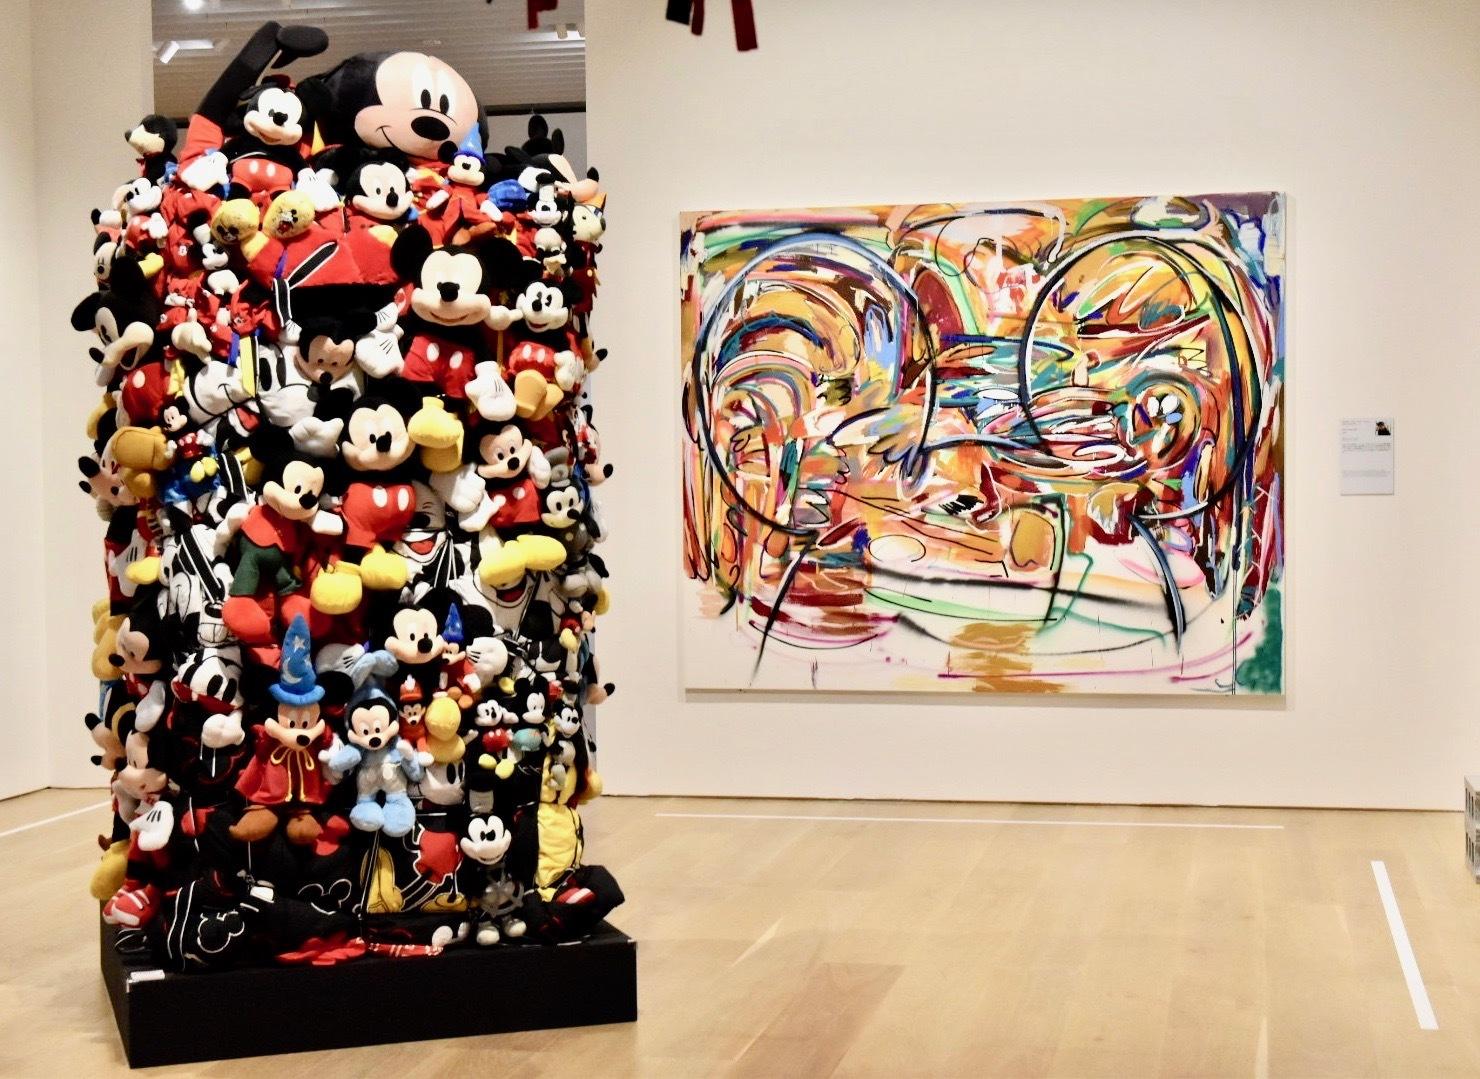 左:Shinique Smith《Bale Variant No.0026》[Ode to Mickey Mouse, My First Love]、右:Michael John Kelly《Toon Town 1991》 (C)Disney